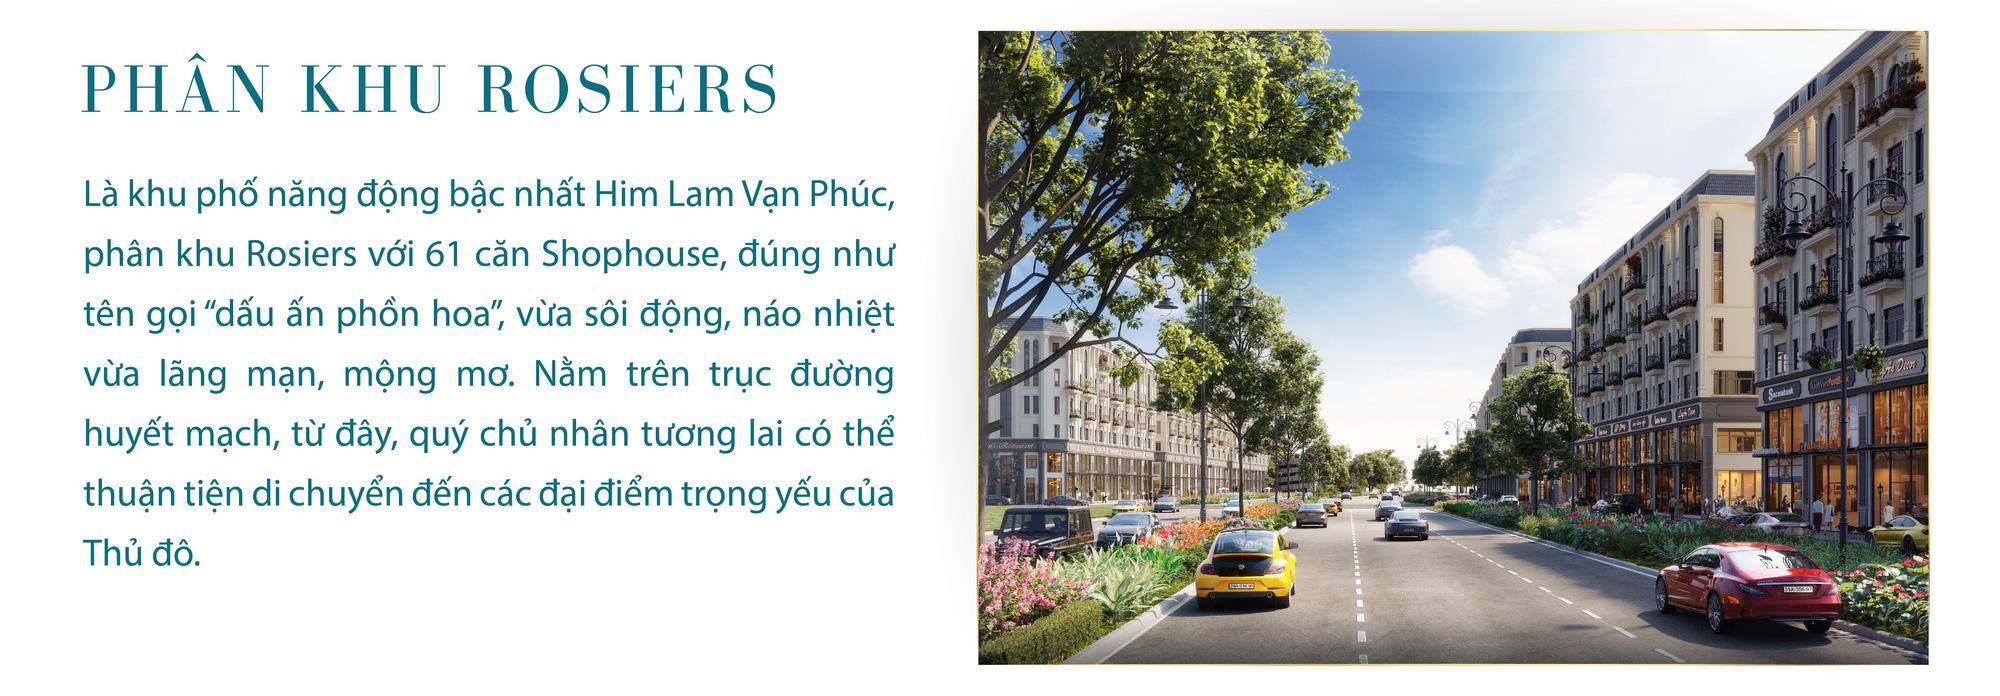 Him Lam Vạn Phúc - Dấu ấn phồn hoa phố Pháp giữa lòng Hà Nội - Ảnh 12.